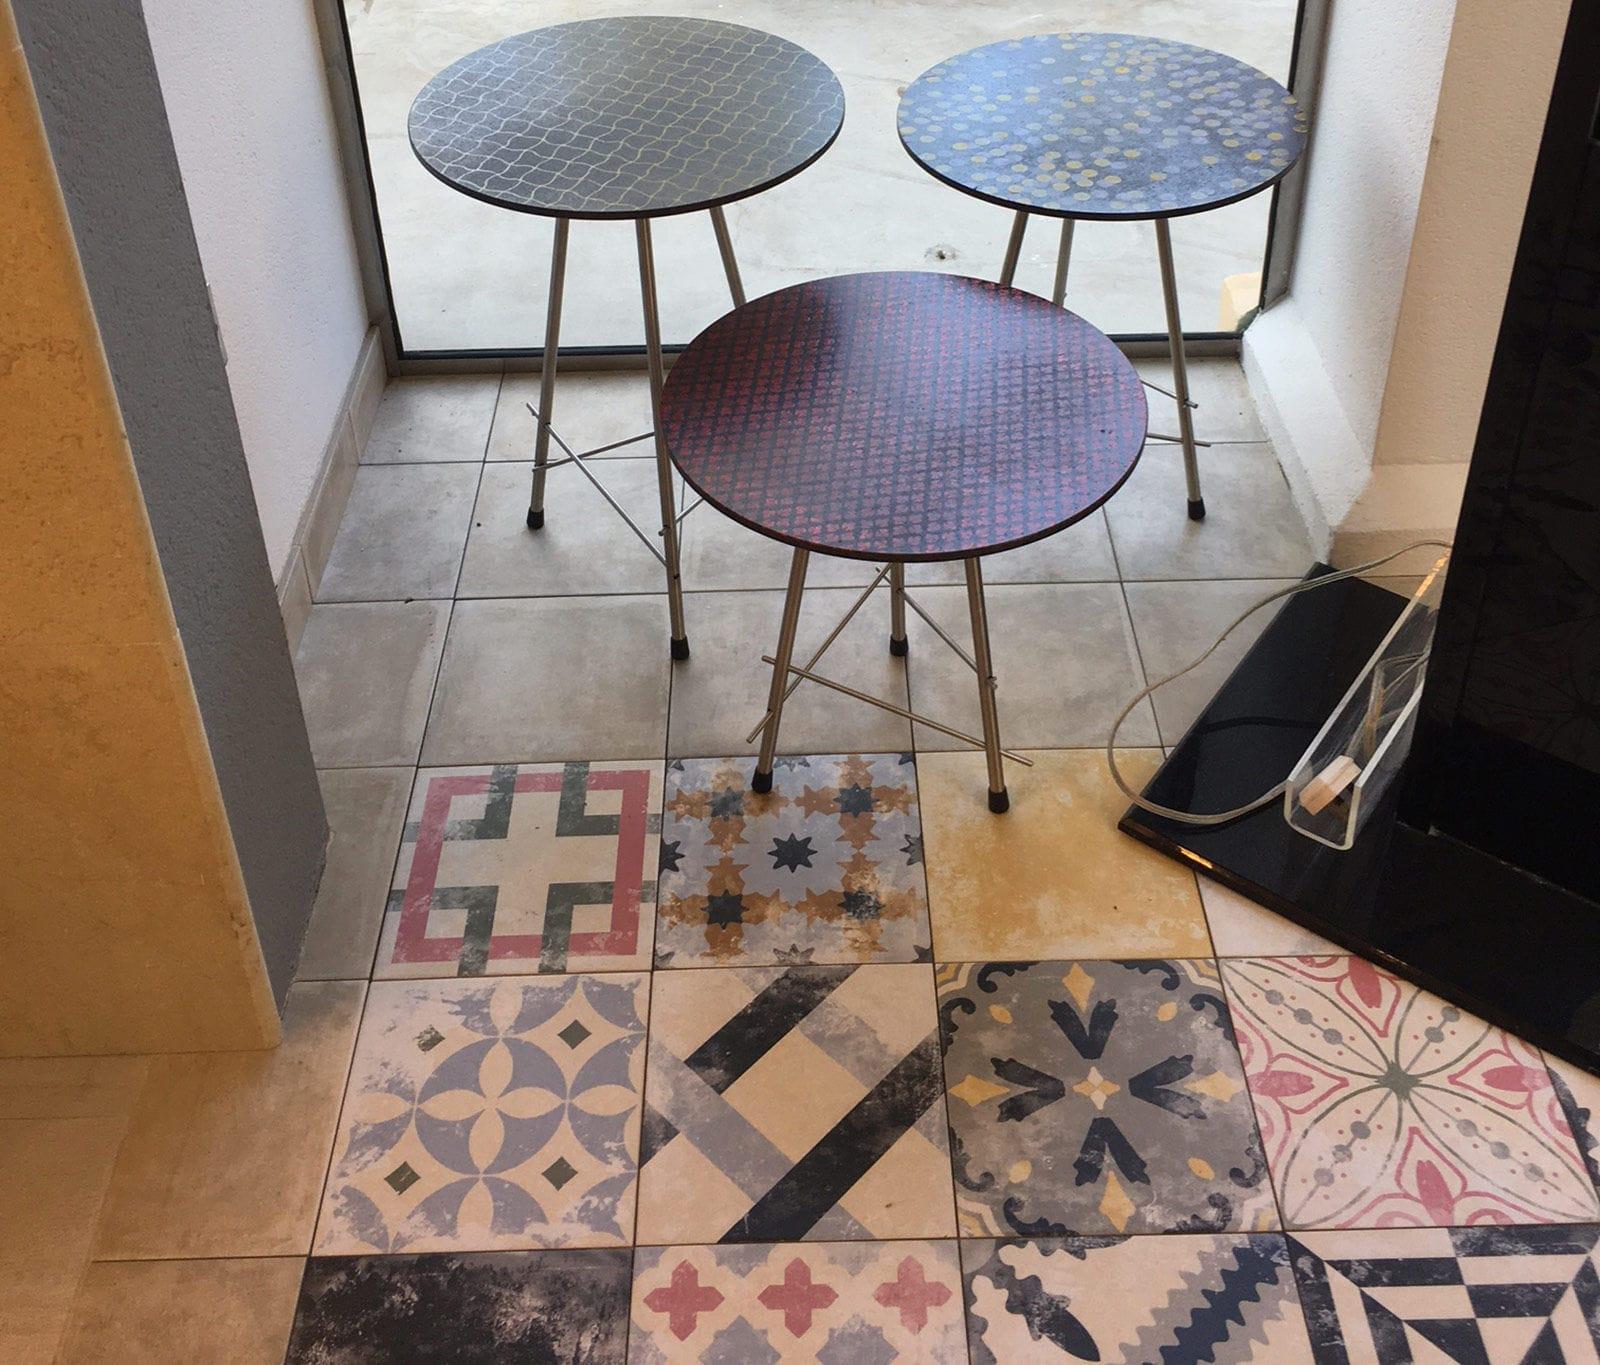 Tavoli Da Giardino Pietra Lavica.Tavolo In Pietra Lavica Circolare Da Esterno Contract